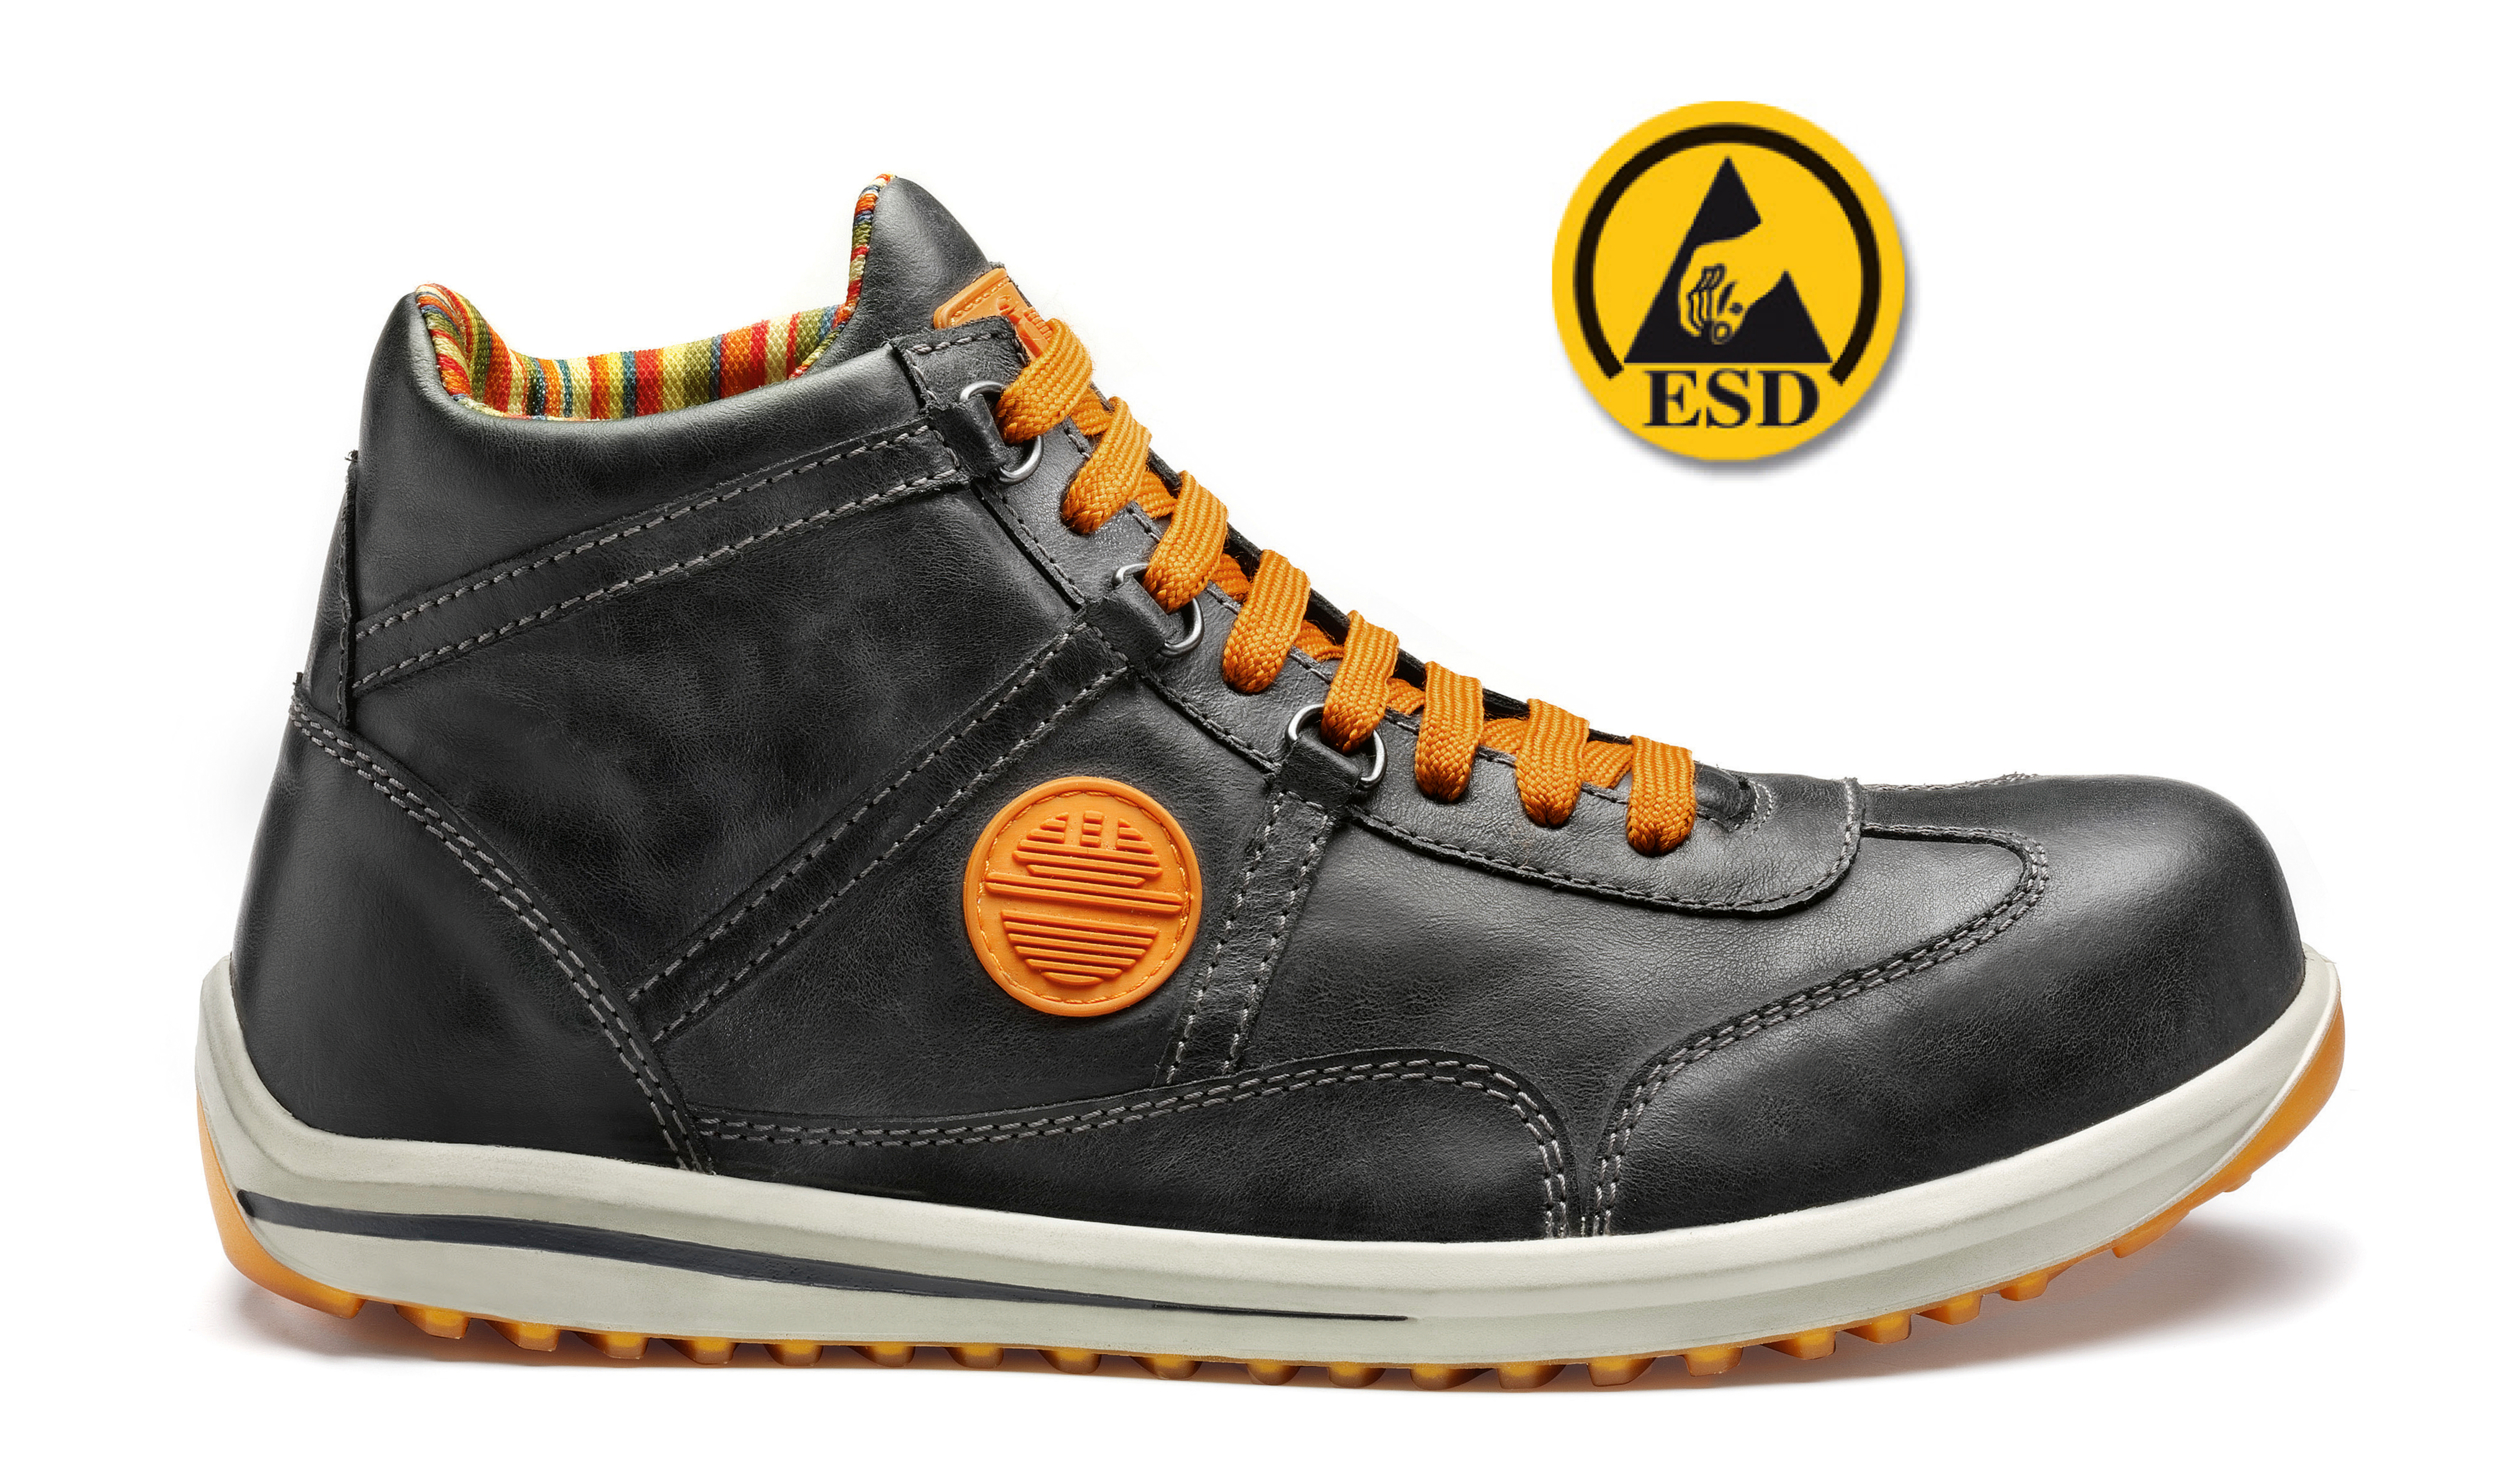 Chaussure de Sécurité Haute RACY</b> S3 SRC ESD Anthracite | 26022-201 | DIKE | Du 38 au 48